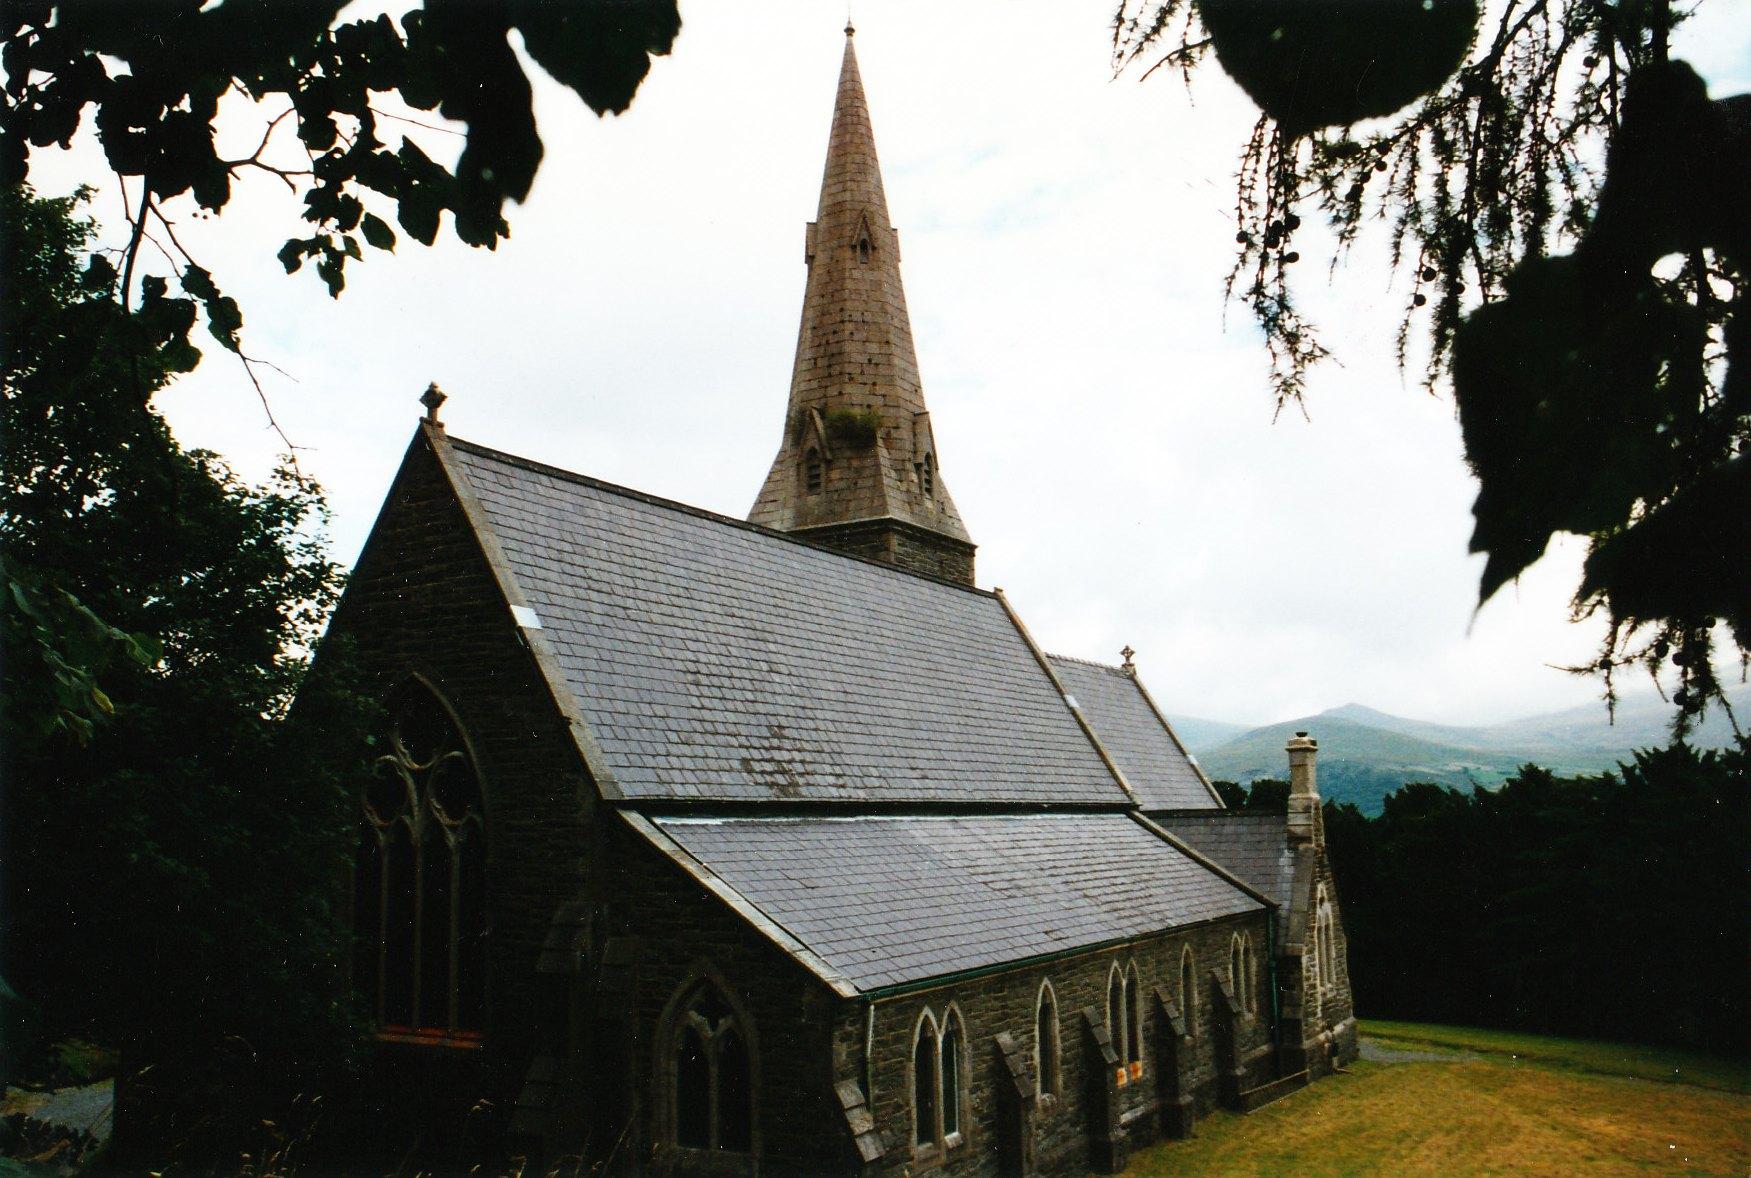 Eglwys Sant Anns